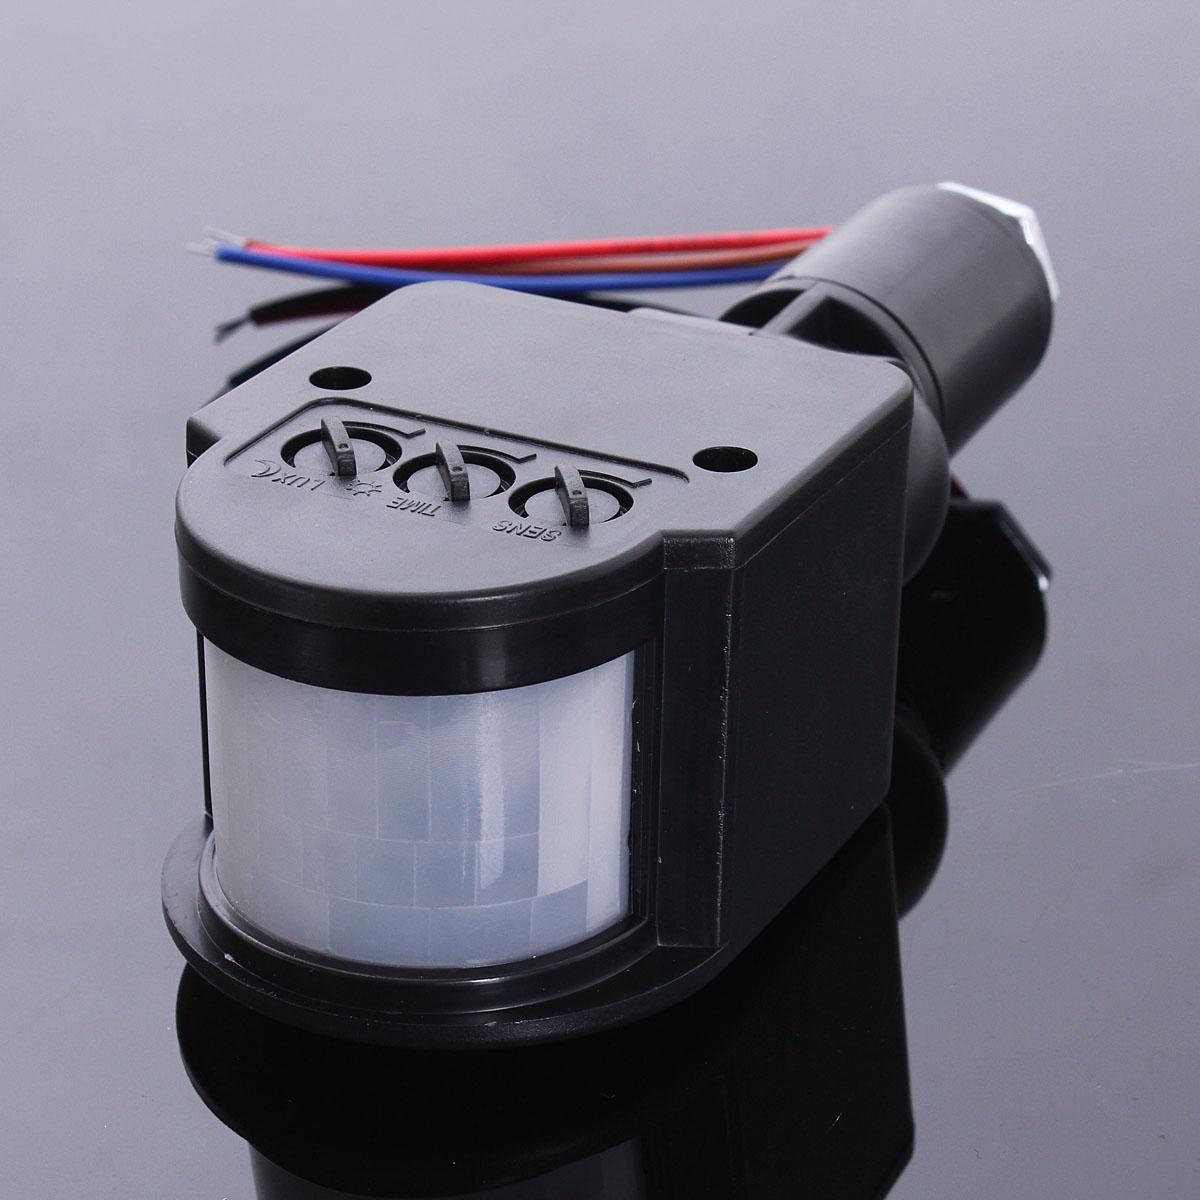 Outdoor motion sensor light adjustable for time and distance outdoor - Led Outdoor 110 220v Infrared Pir Motion Sensor Detector